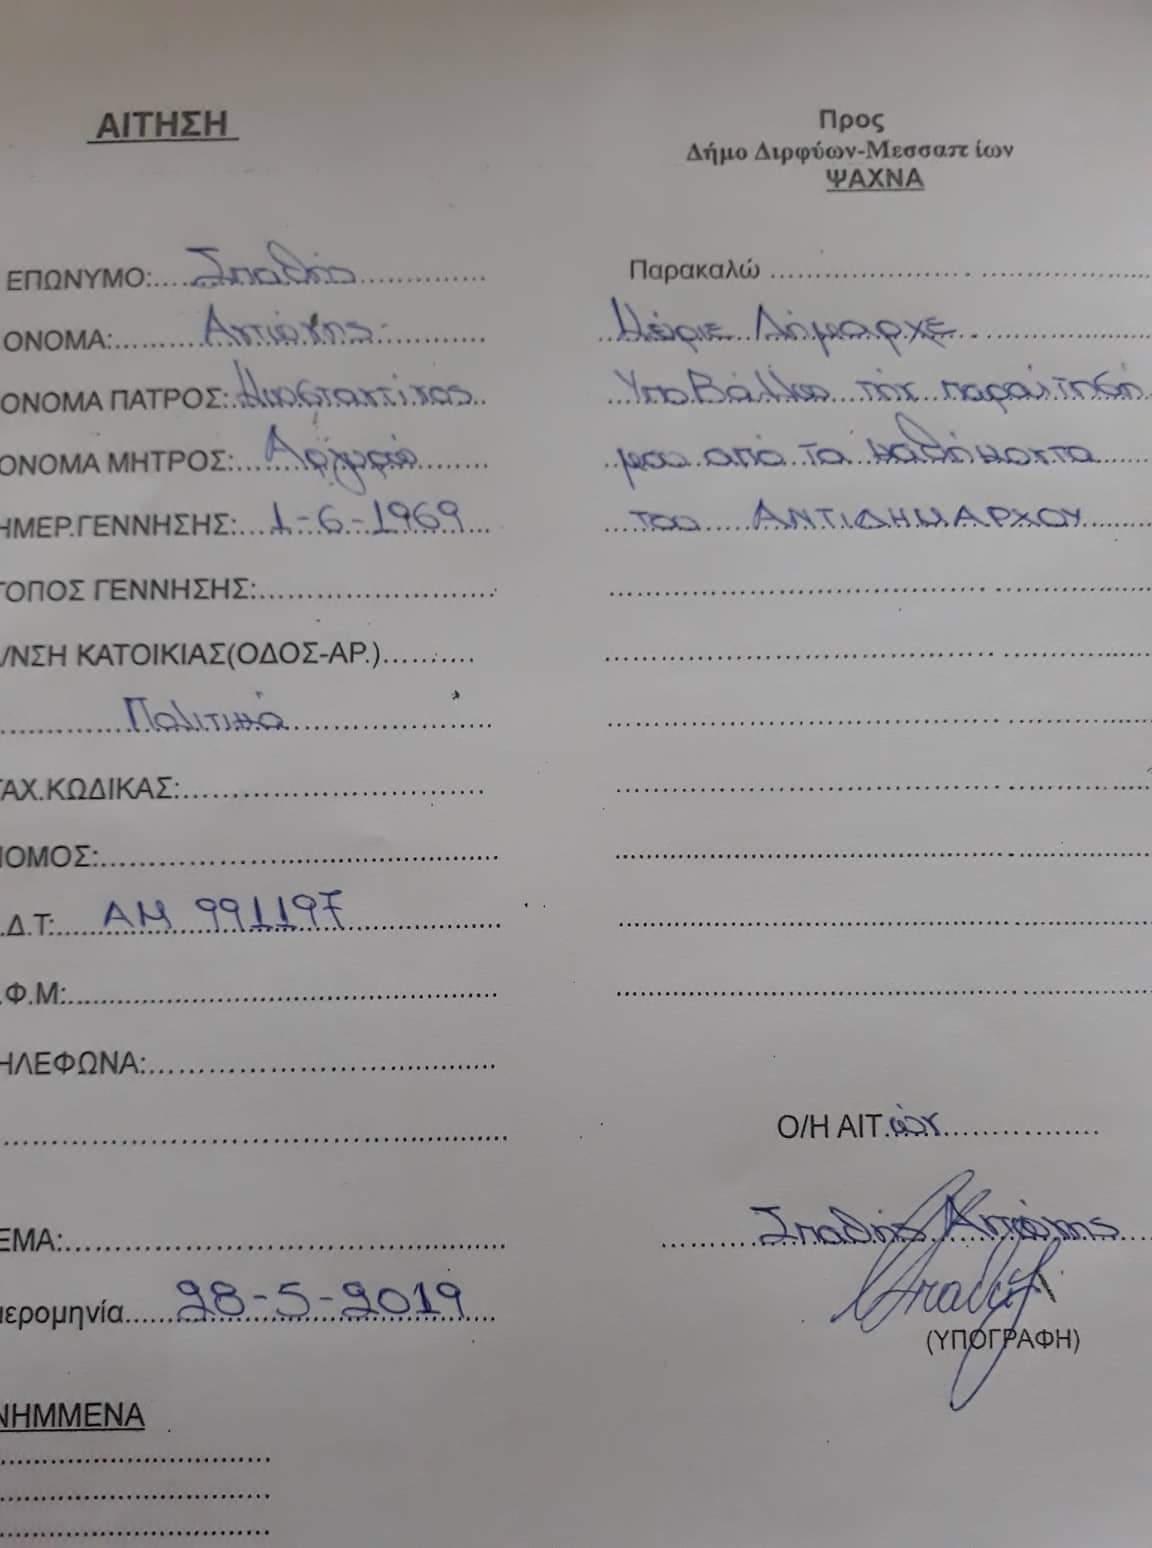 Παραίτηση Αντιδημάρχου Διρφύων Μεσσαπίων Αντώνη Σπαθή received 317576809156841